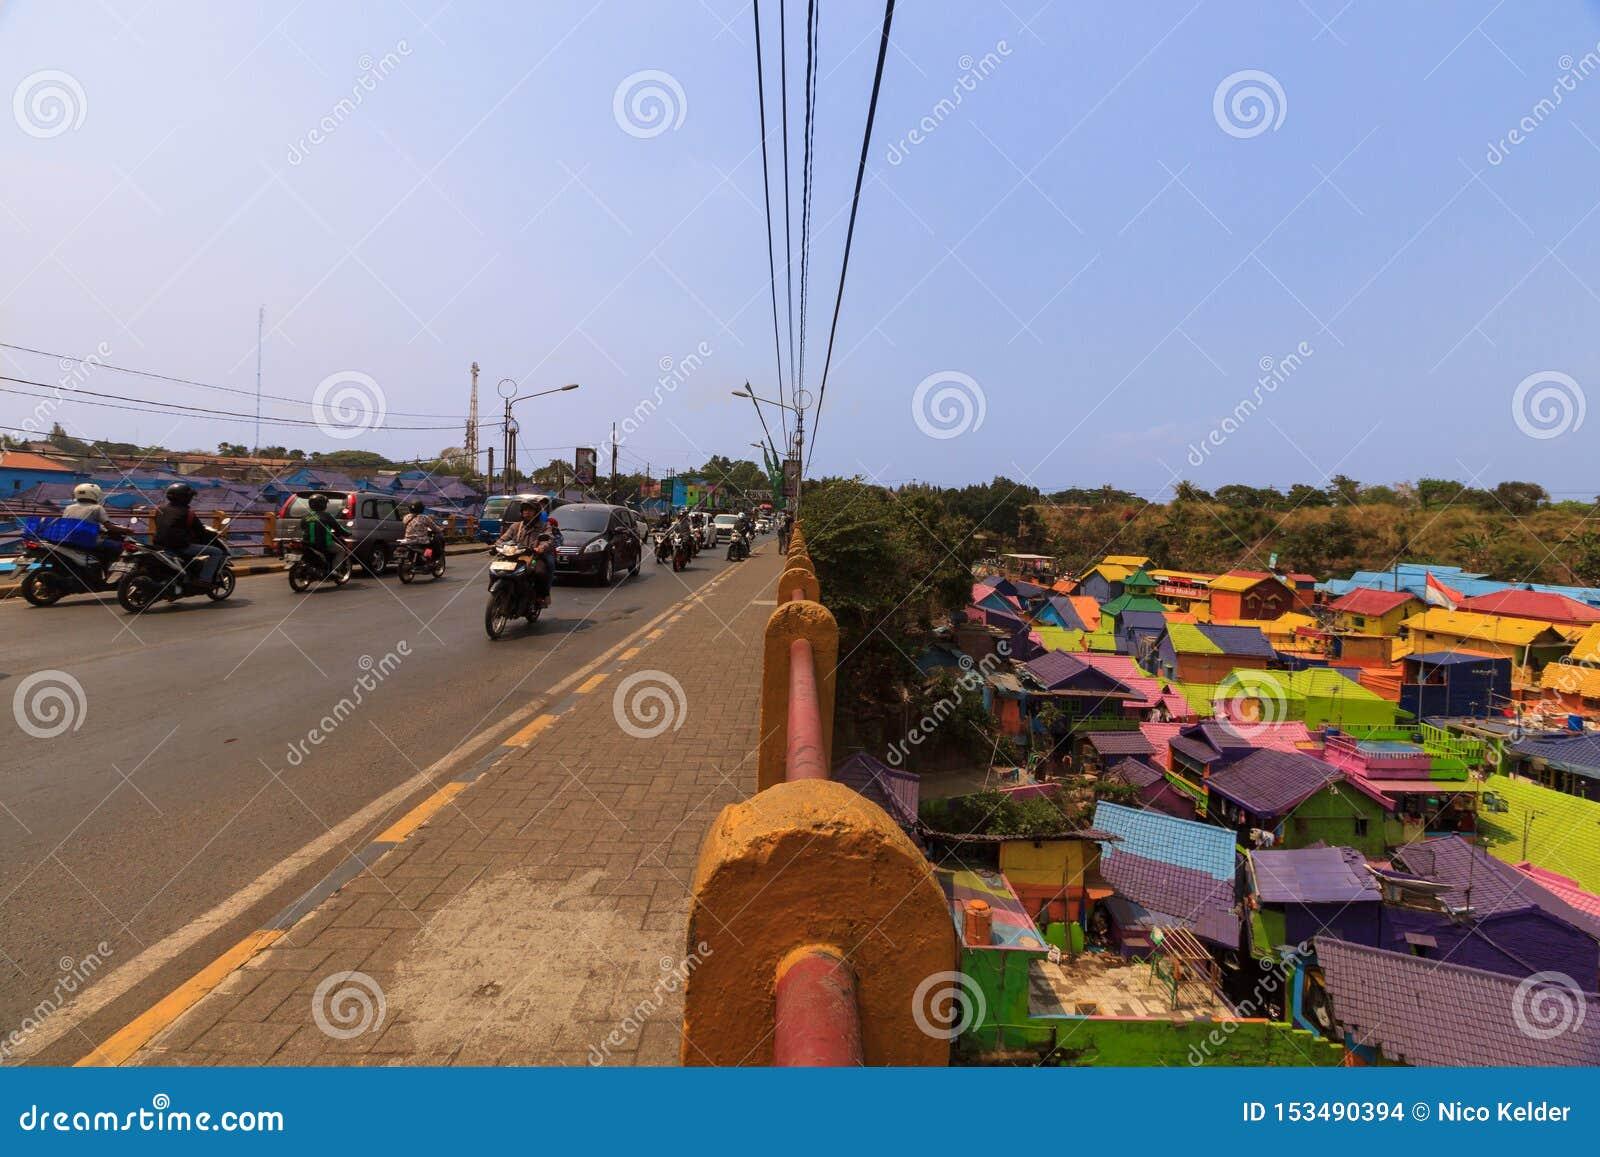 Kampung Warna Warni Jodipan Colourful Village Malang